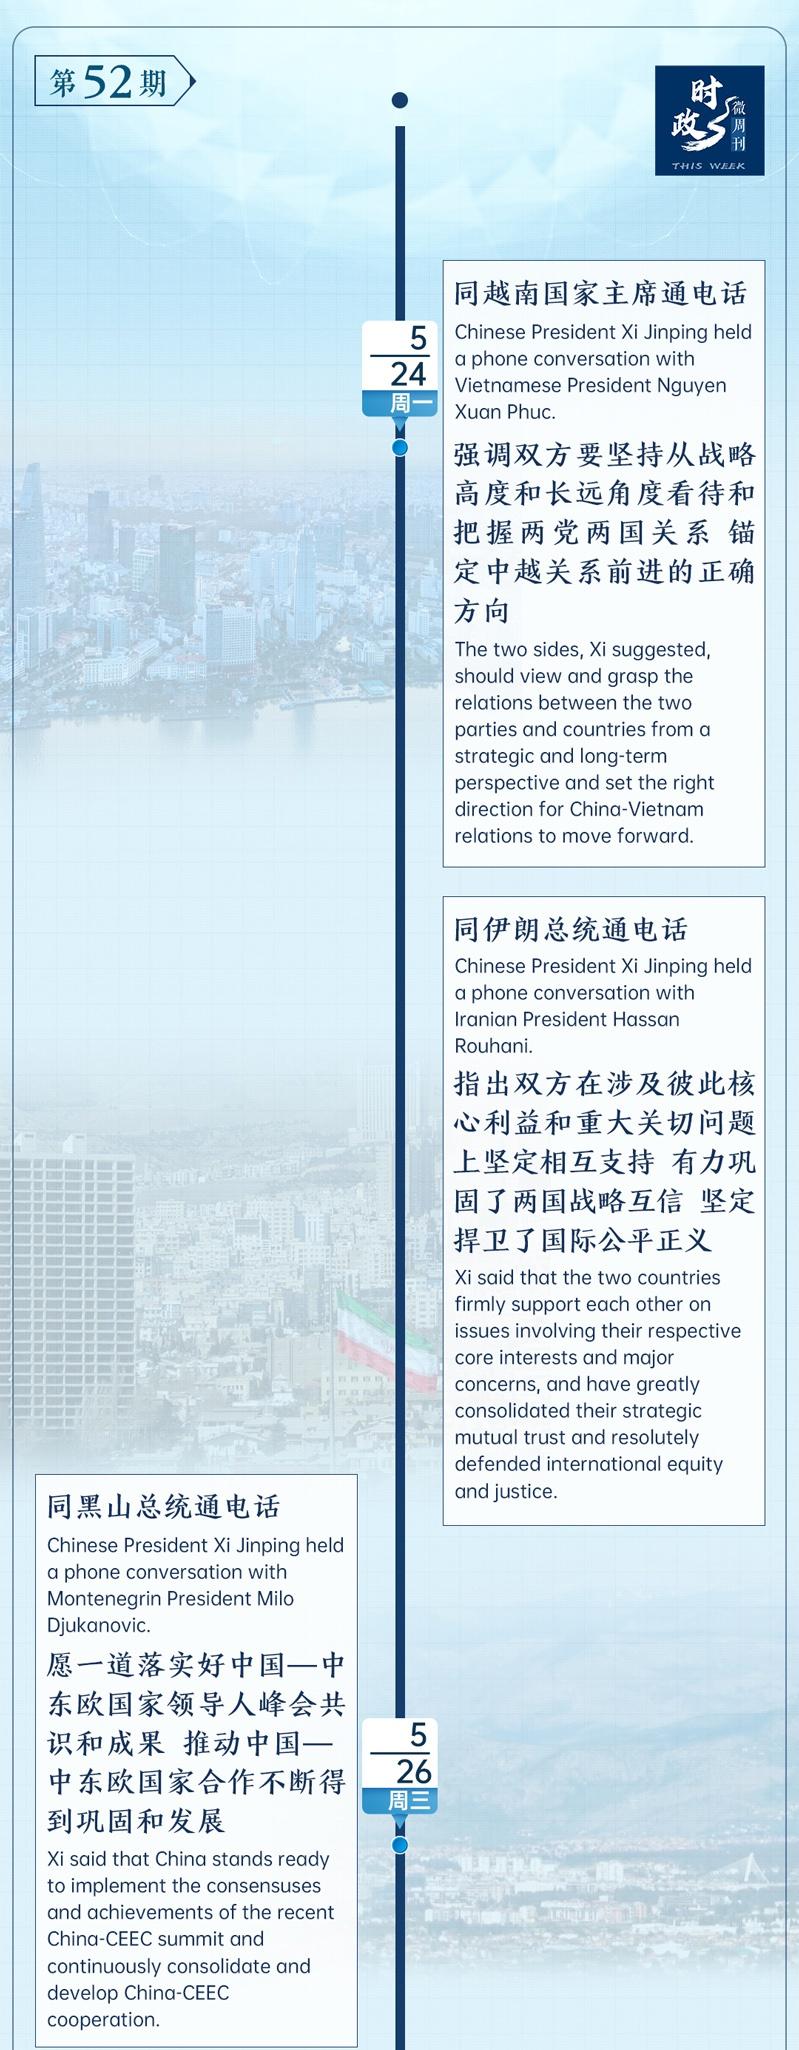 「杏悦」刊丨总书记的一杏悦周5月24日—5月30图片